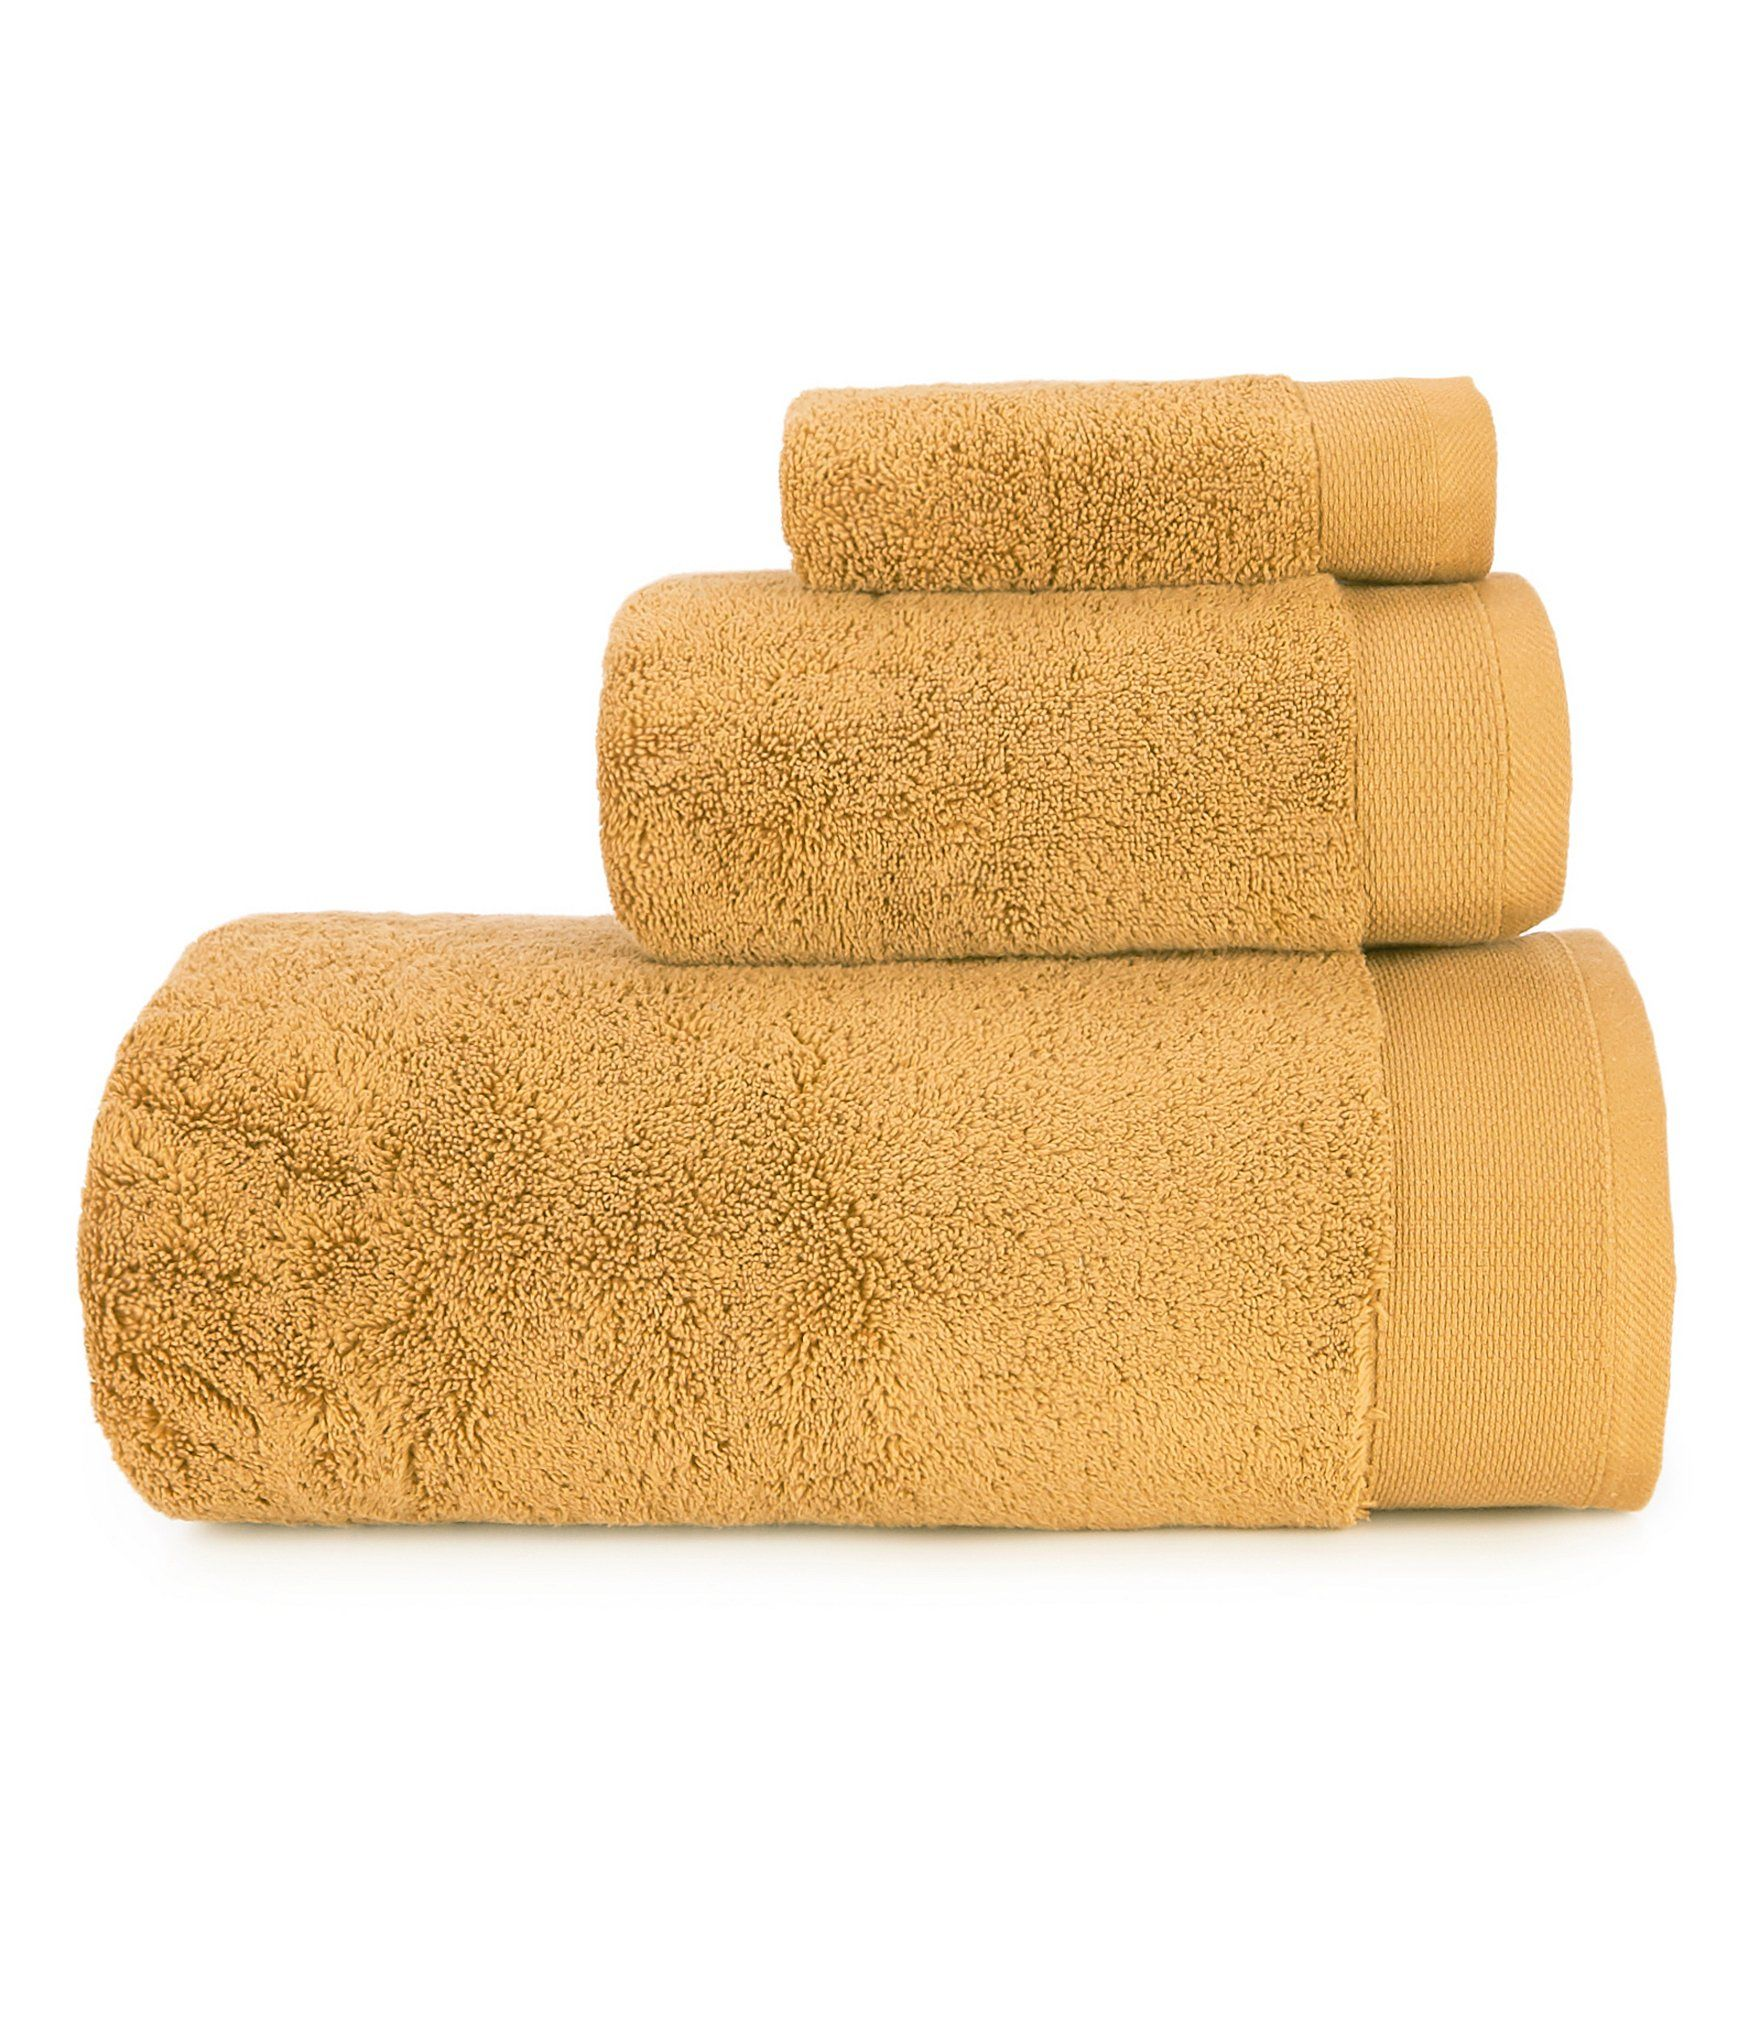 Noble Excellence Microcotton Elite Bath Towels Dillard S In 2020 Cotton Bath Towels Bath Towels Colors Gold Bath Towels